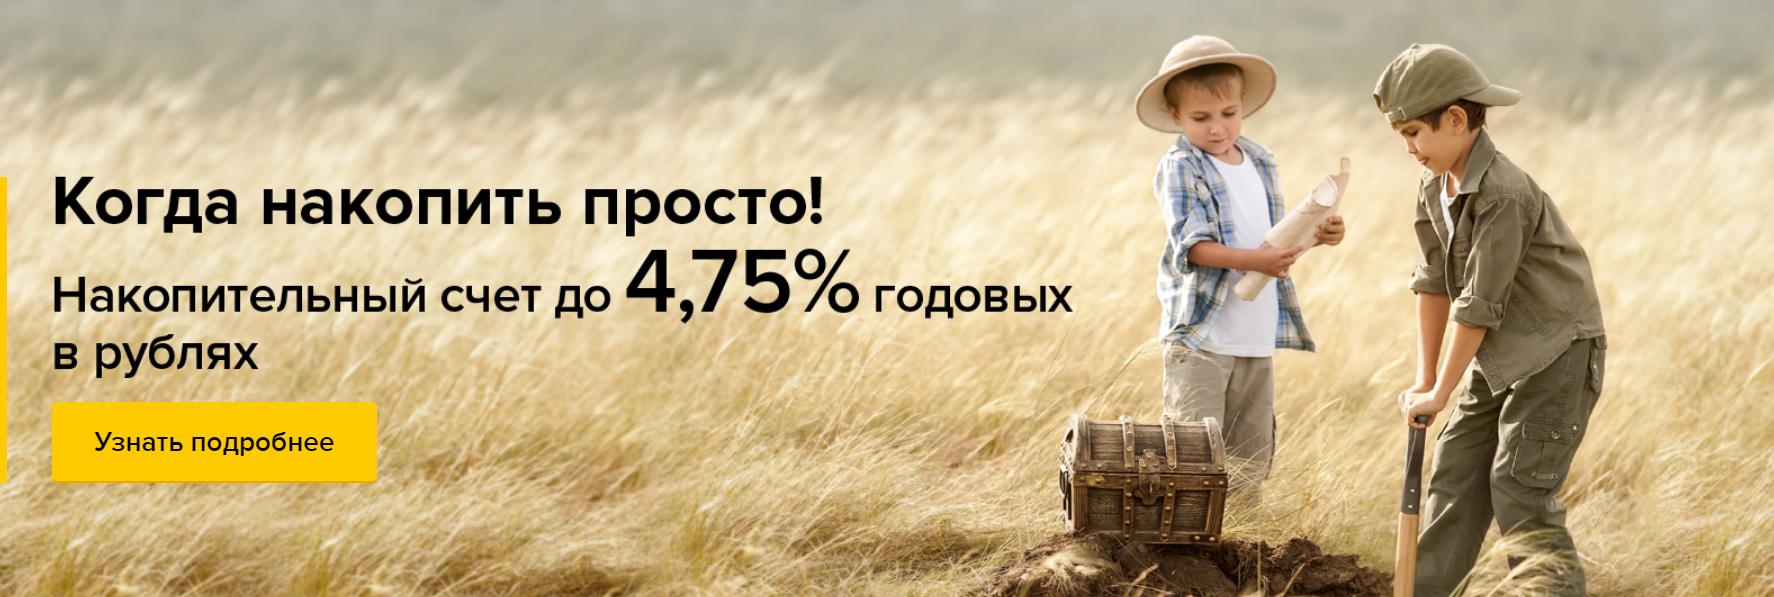 Россельхозбанк вклад накопительный пенсионный стоимостная оценка минимальной потребительской корзины а также обязательные платежи и сборы